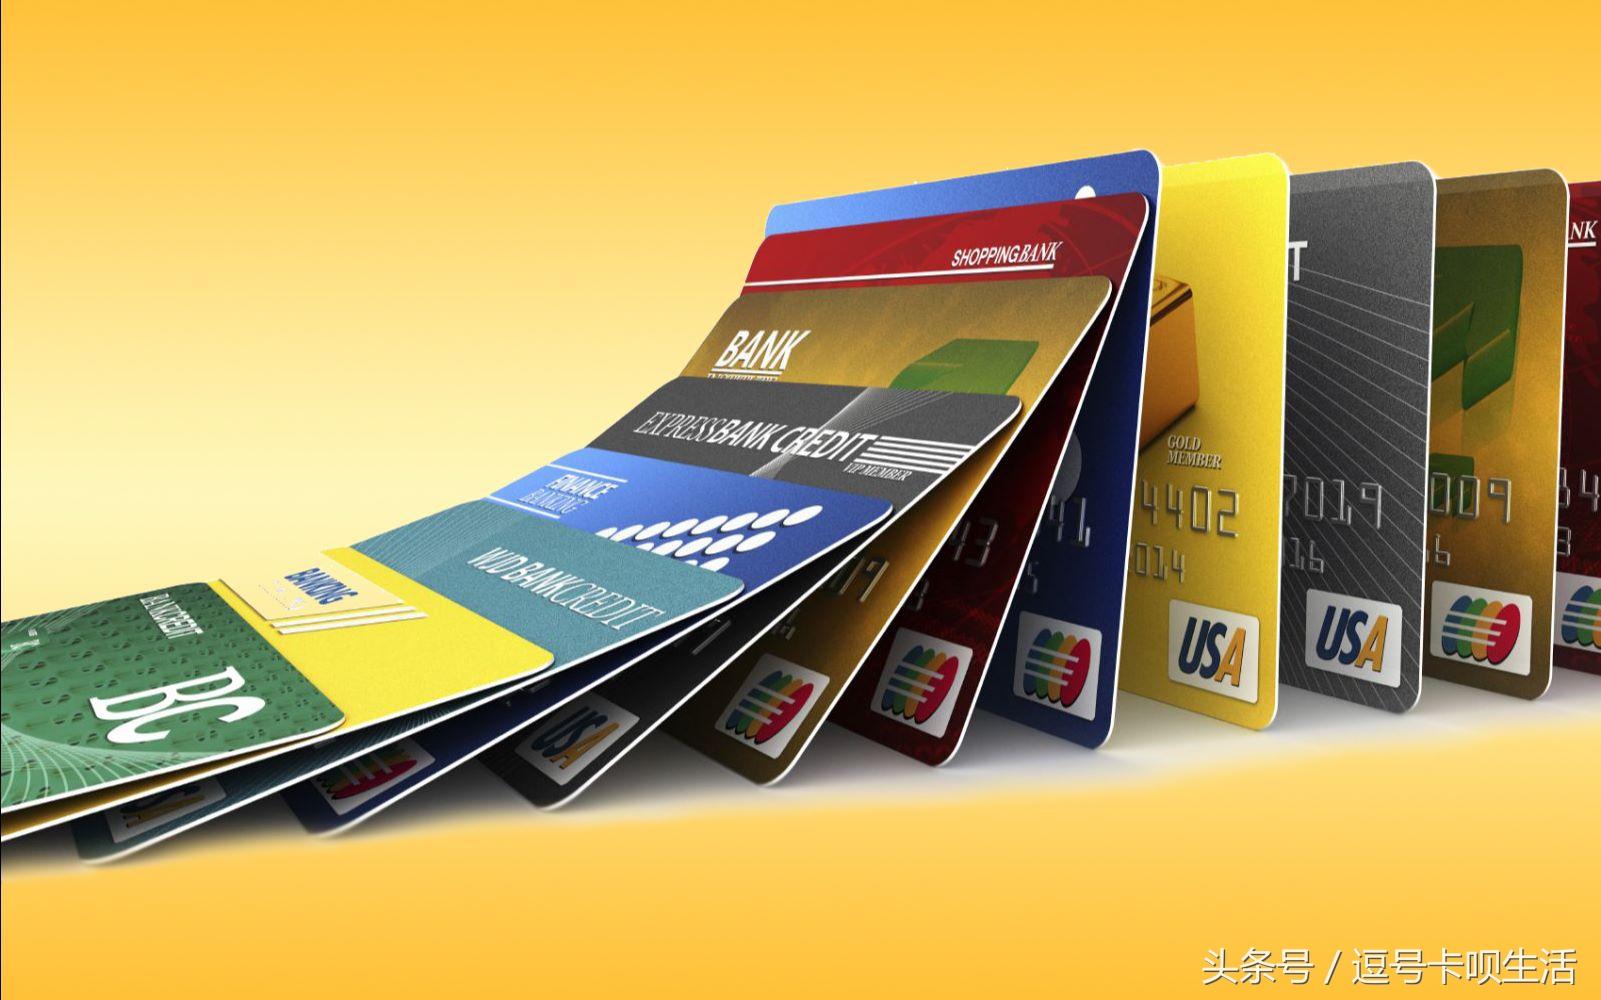 信用卡网上申请技巧:填表要注意这些你们有仔细填过吗?